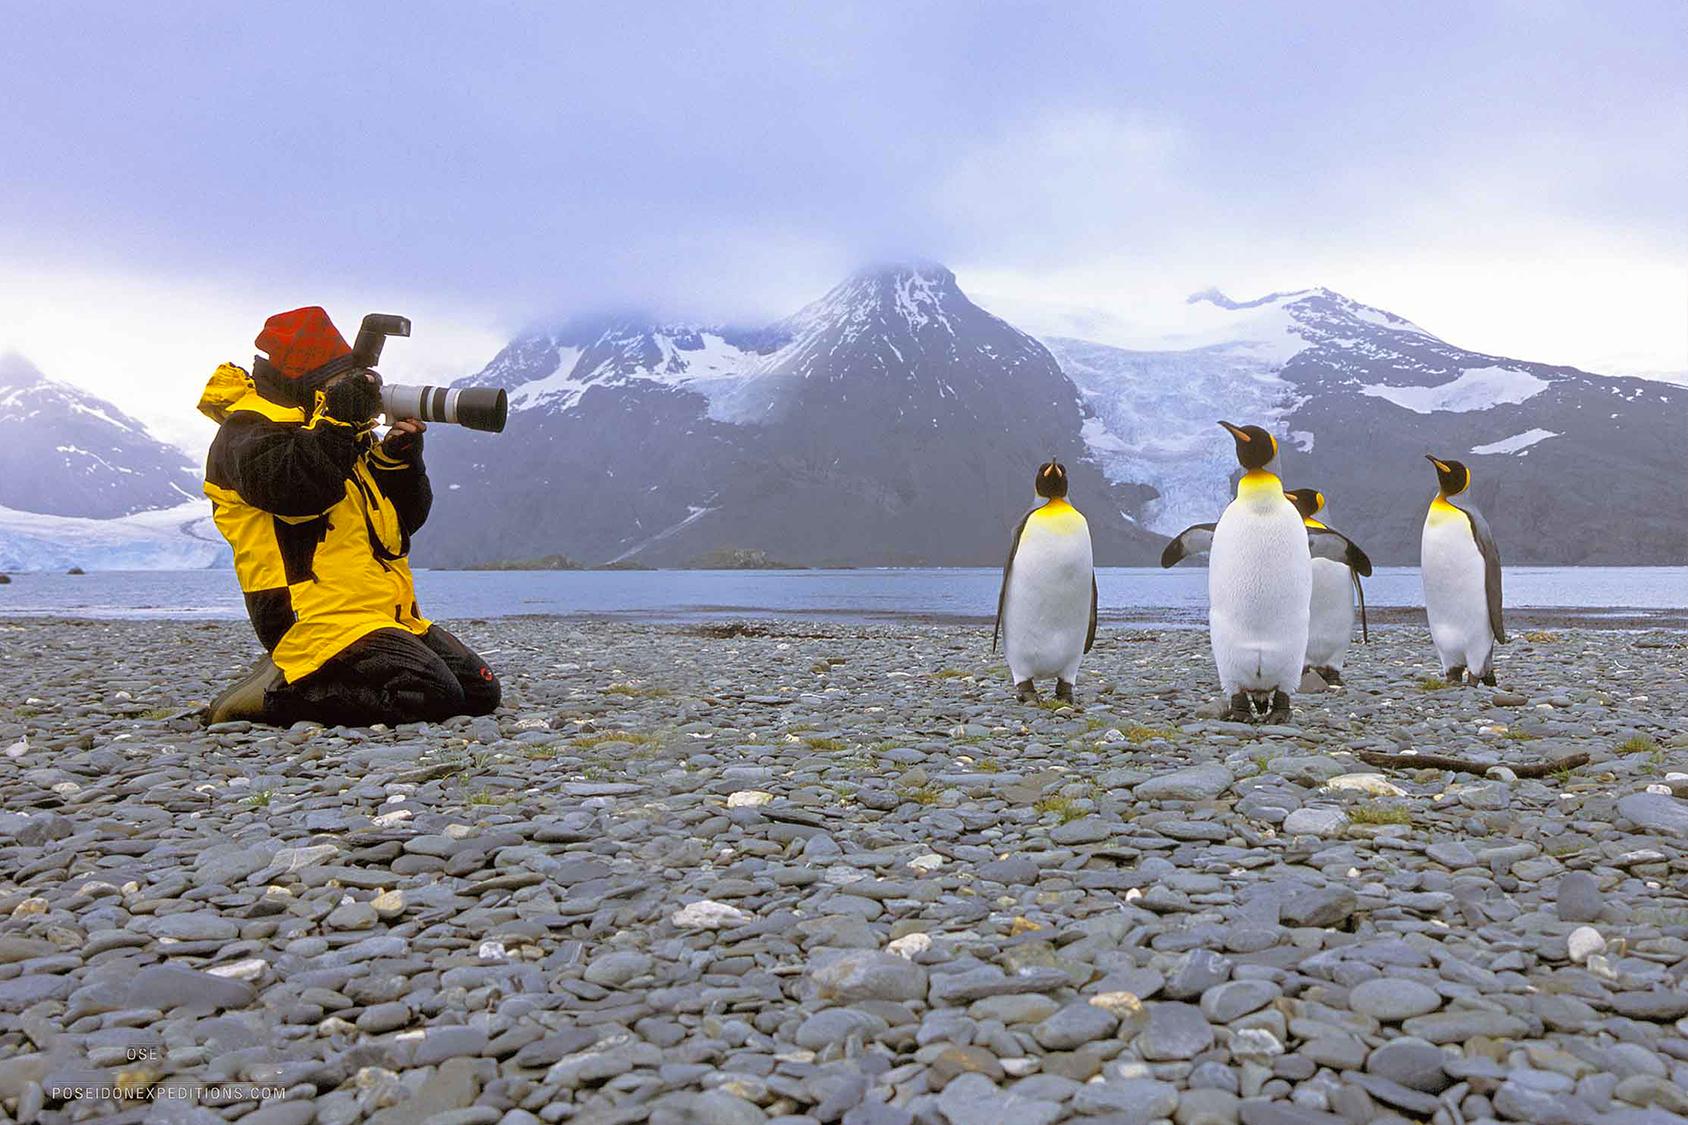 Niente denti del giudizio né appendice: per lavorare in Antartide servono questi requisiti